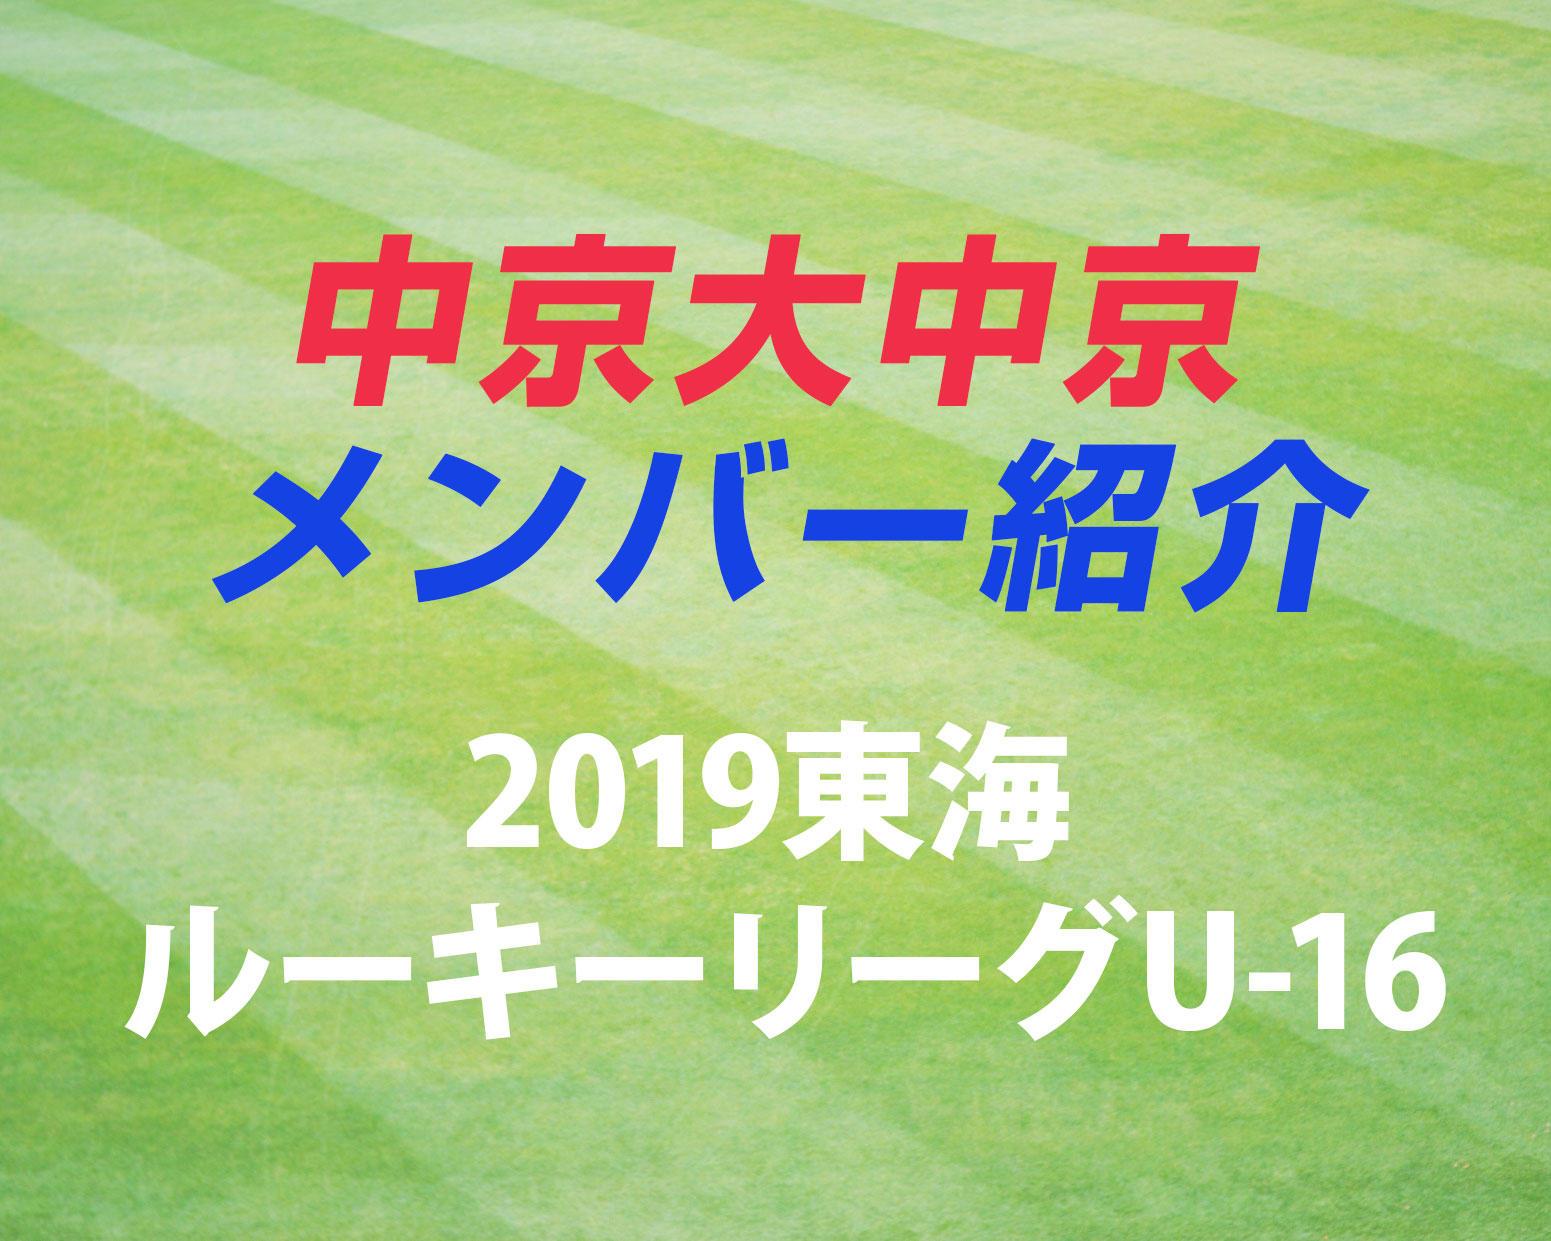 愛知の強豪・中京大中京高校サッカー部のメンバー紹介!(2019 東海ルーキーリーグU-16)